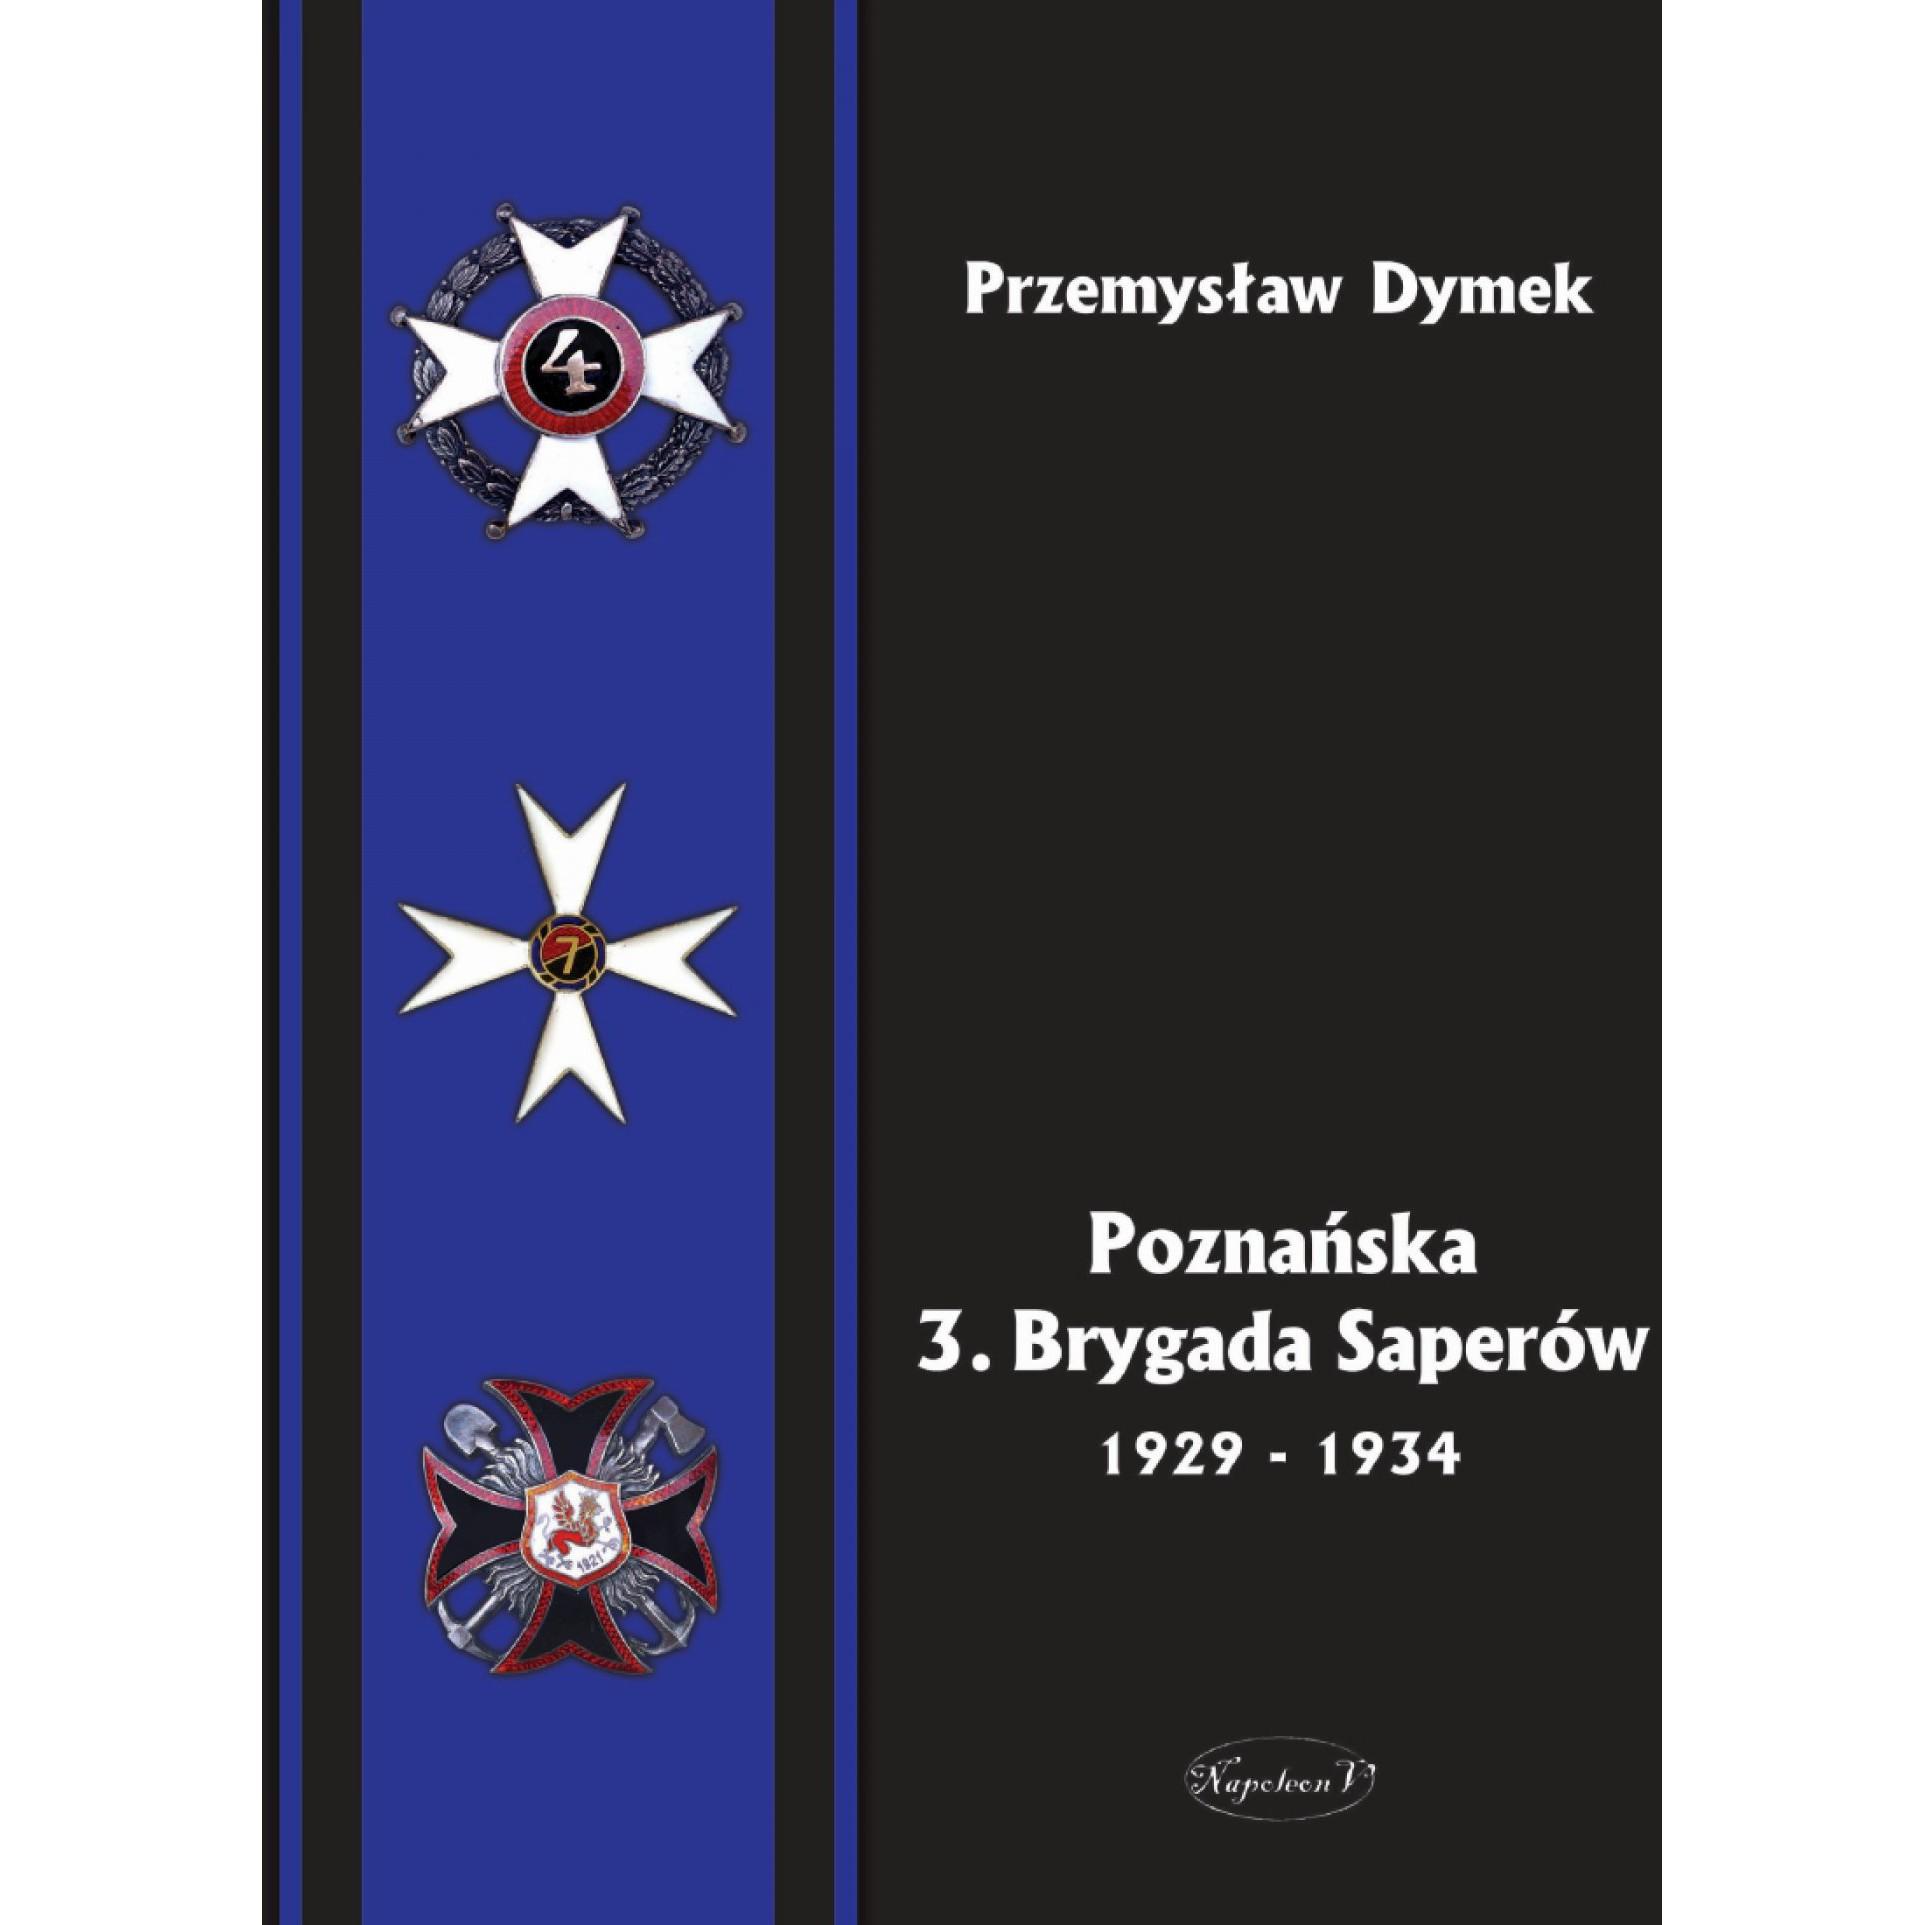 Poznańska 3. Brygada Saperów 1929-1934